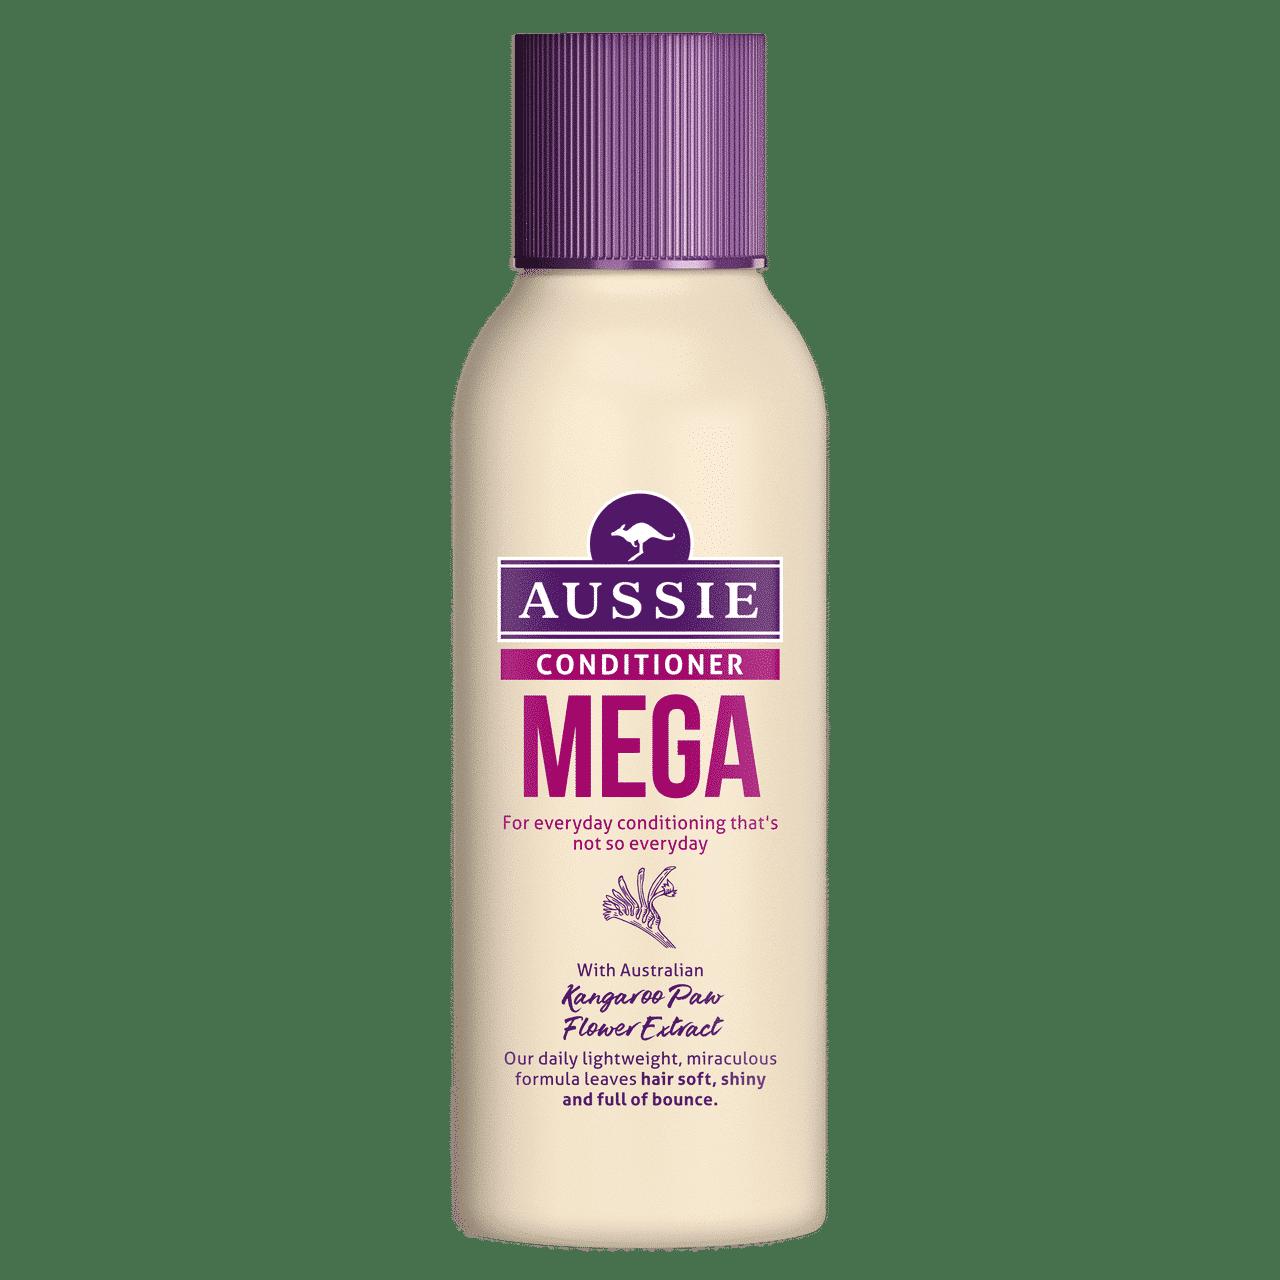 Aussie Mega Conditioner 90ml (TRAVEL SIZE)